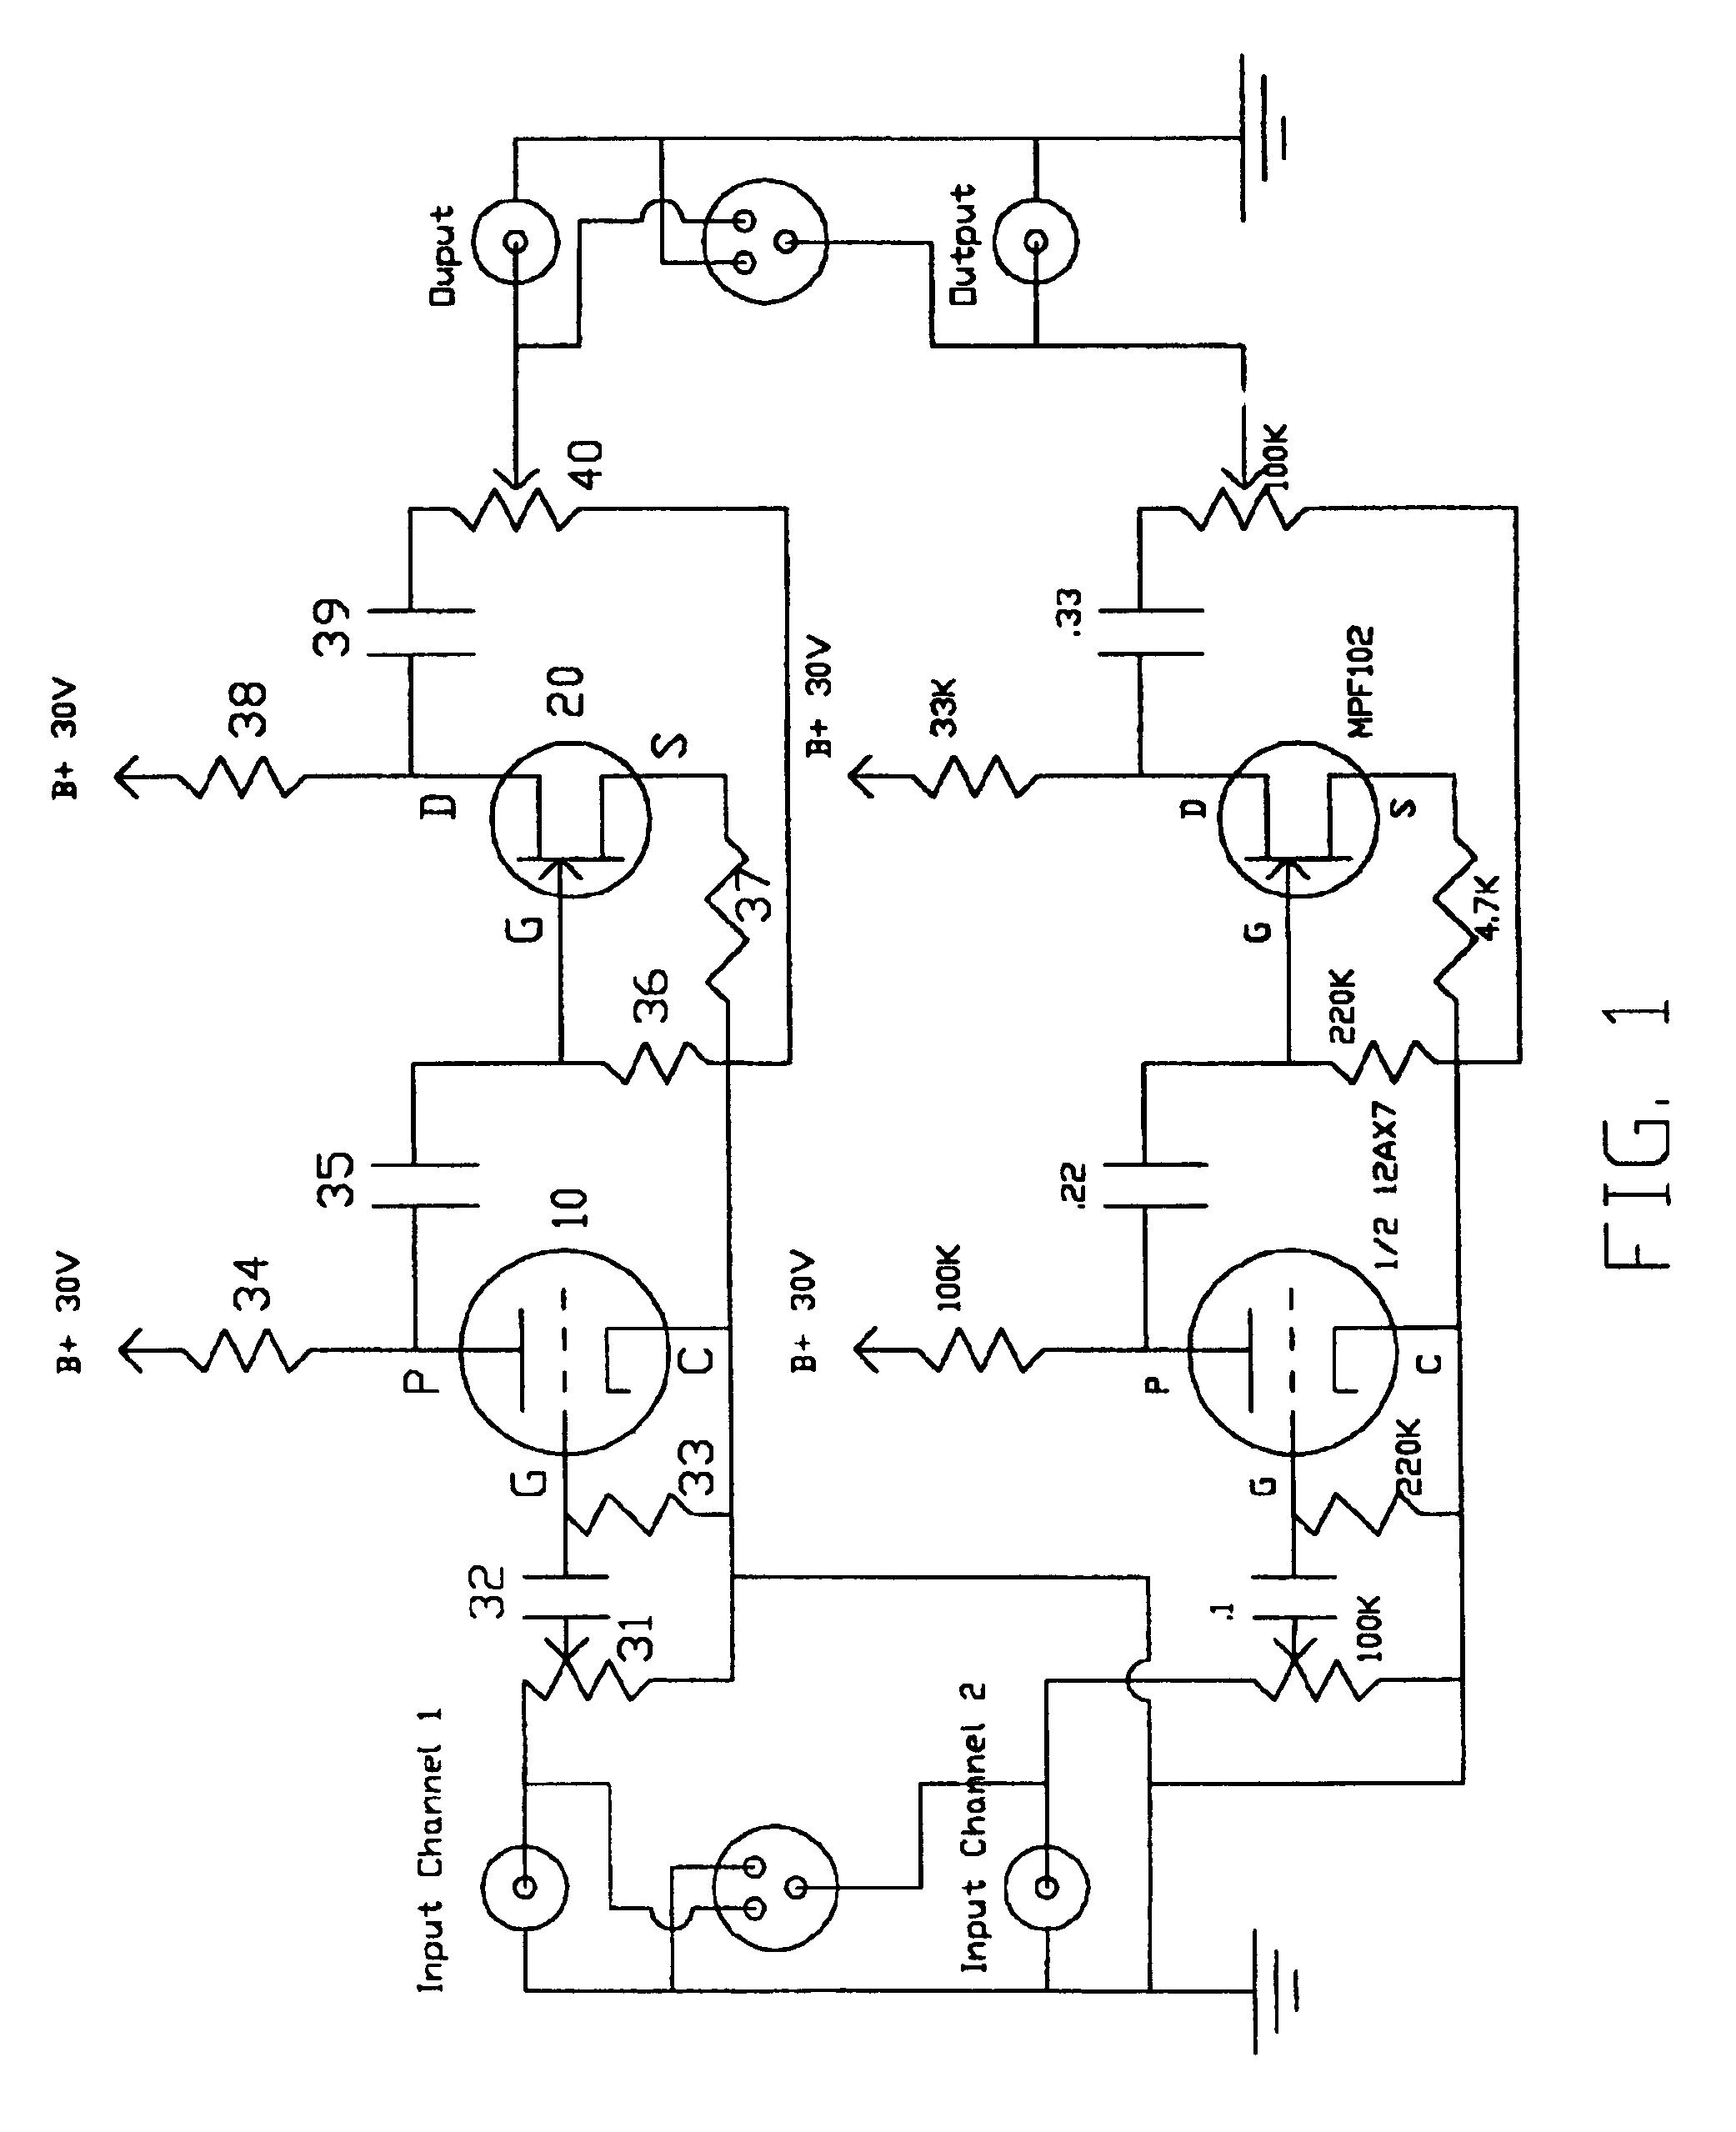 patent us6737915